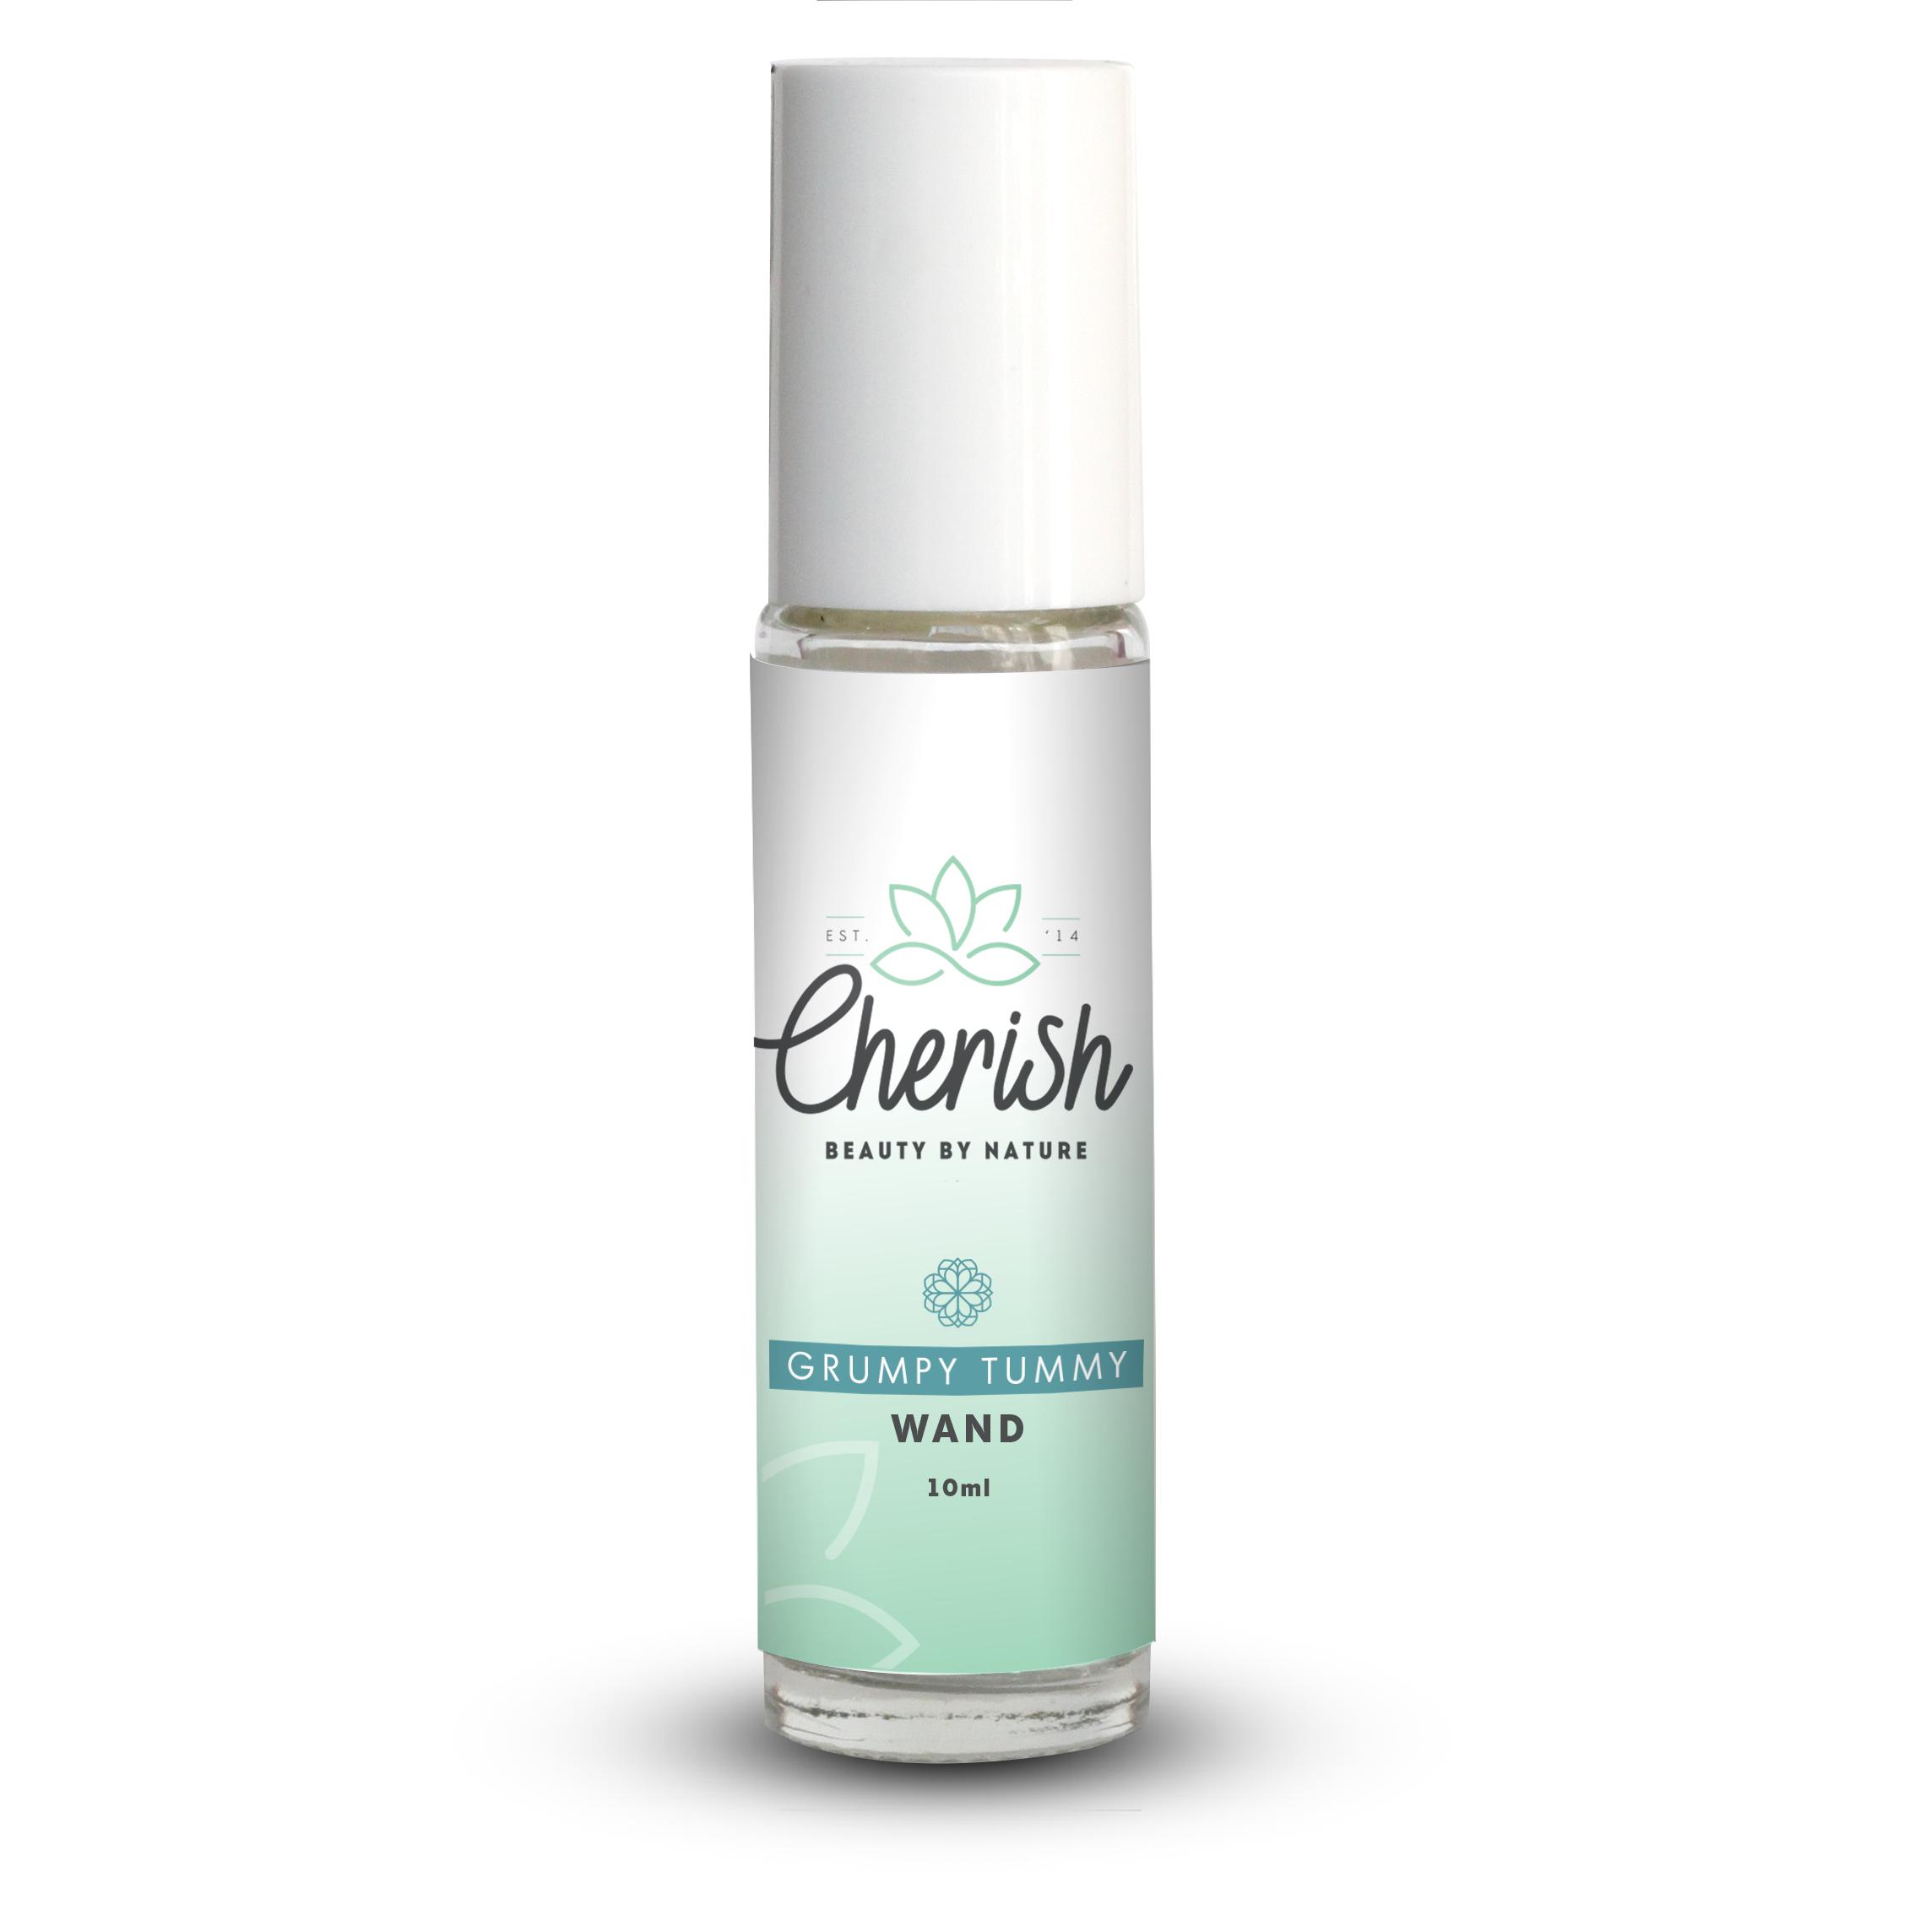 cherish beauty grumpy tummy aromatherapy roller 10ml glass wand